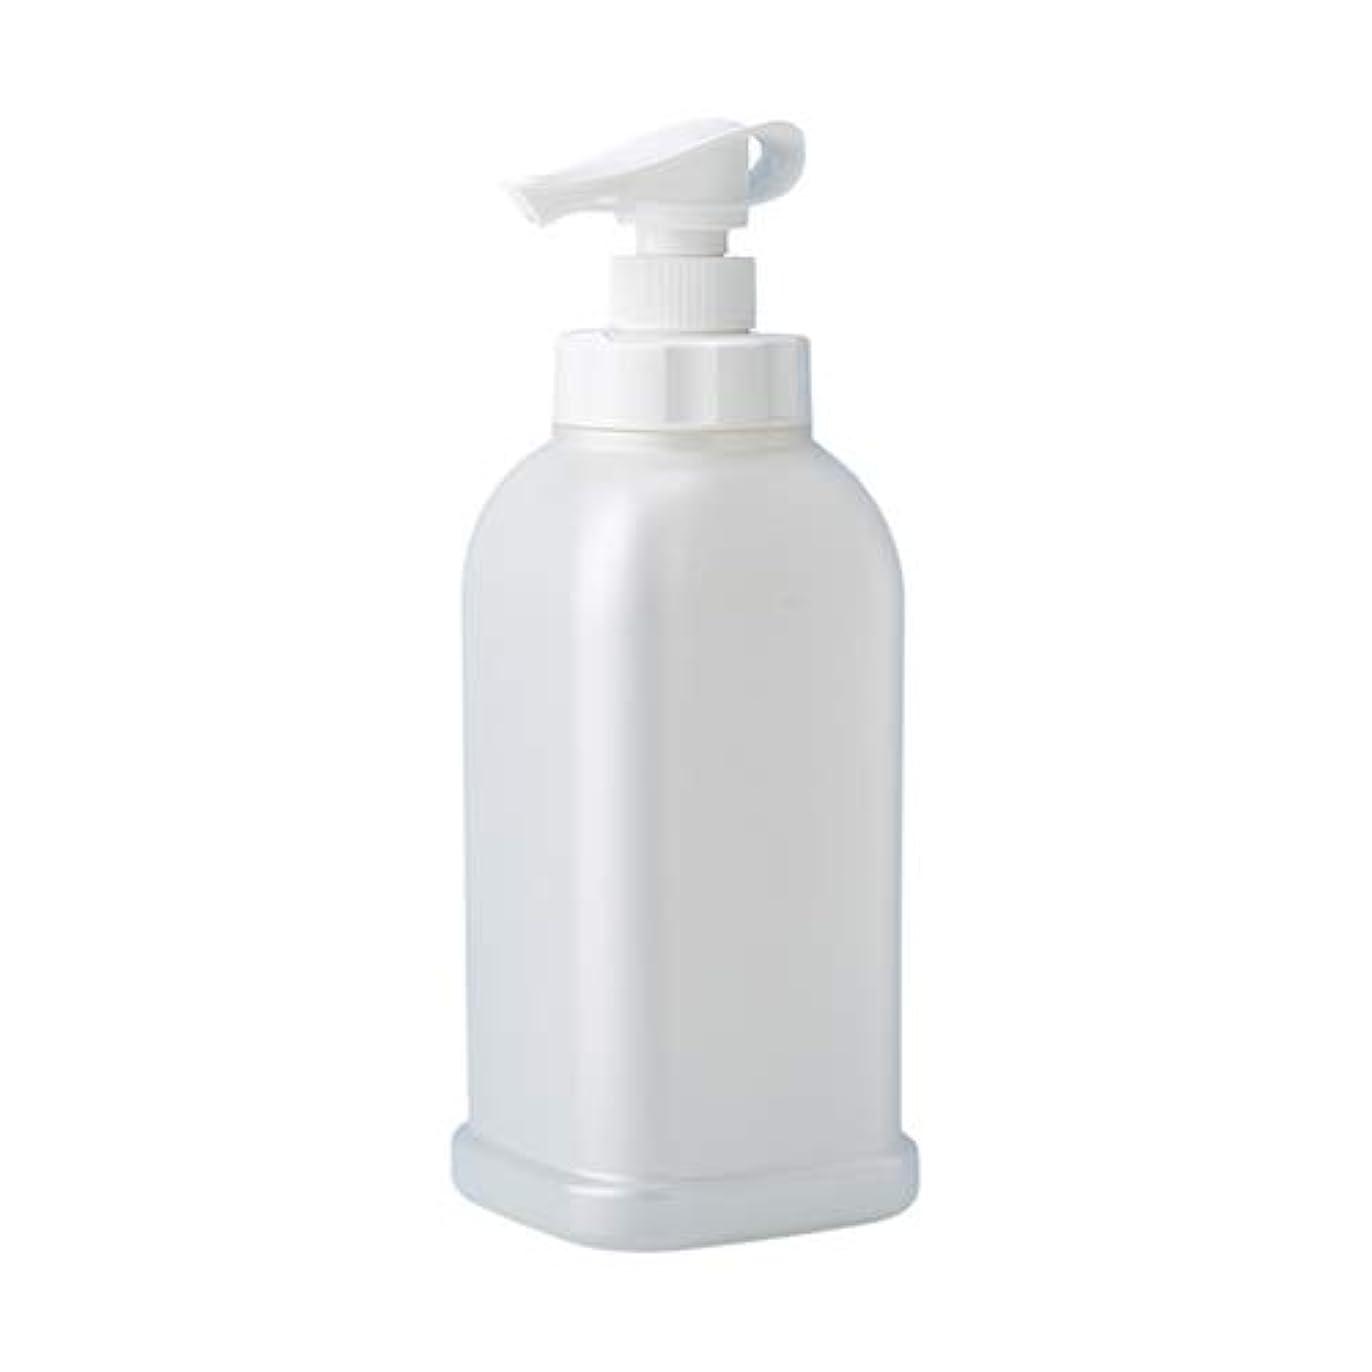 事件、出来事ビザ酒安定感のある ポンプボトル シャンプー コンディショナー リンス ボディソープ ハンドソープ 1.2L詰め替え容器 パールホワイト